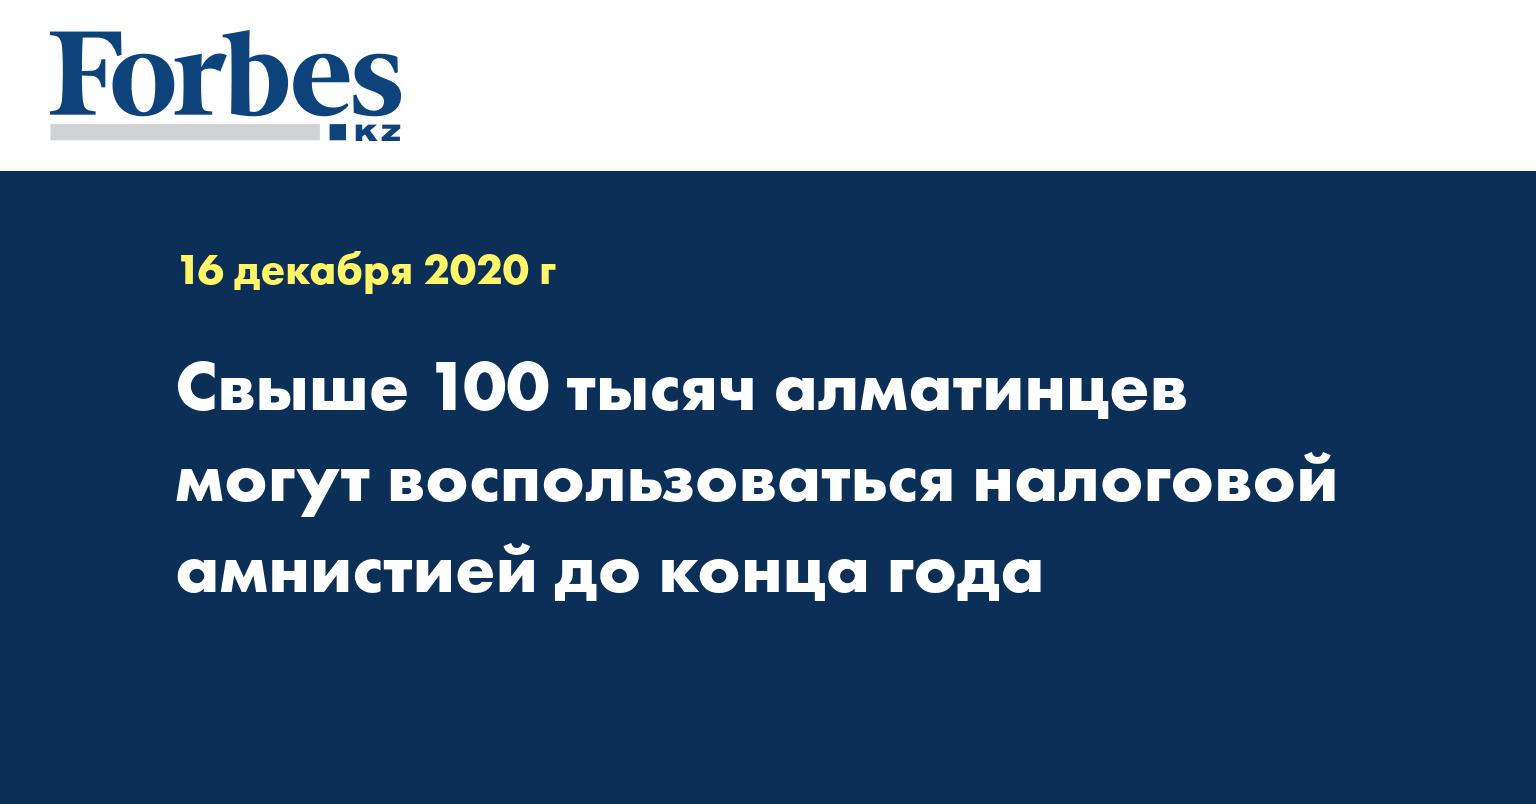 Свыше 100 тысяч алматинцев могут воспользоваться налоговой амнистией до конца года